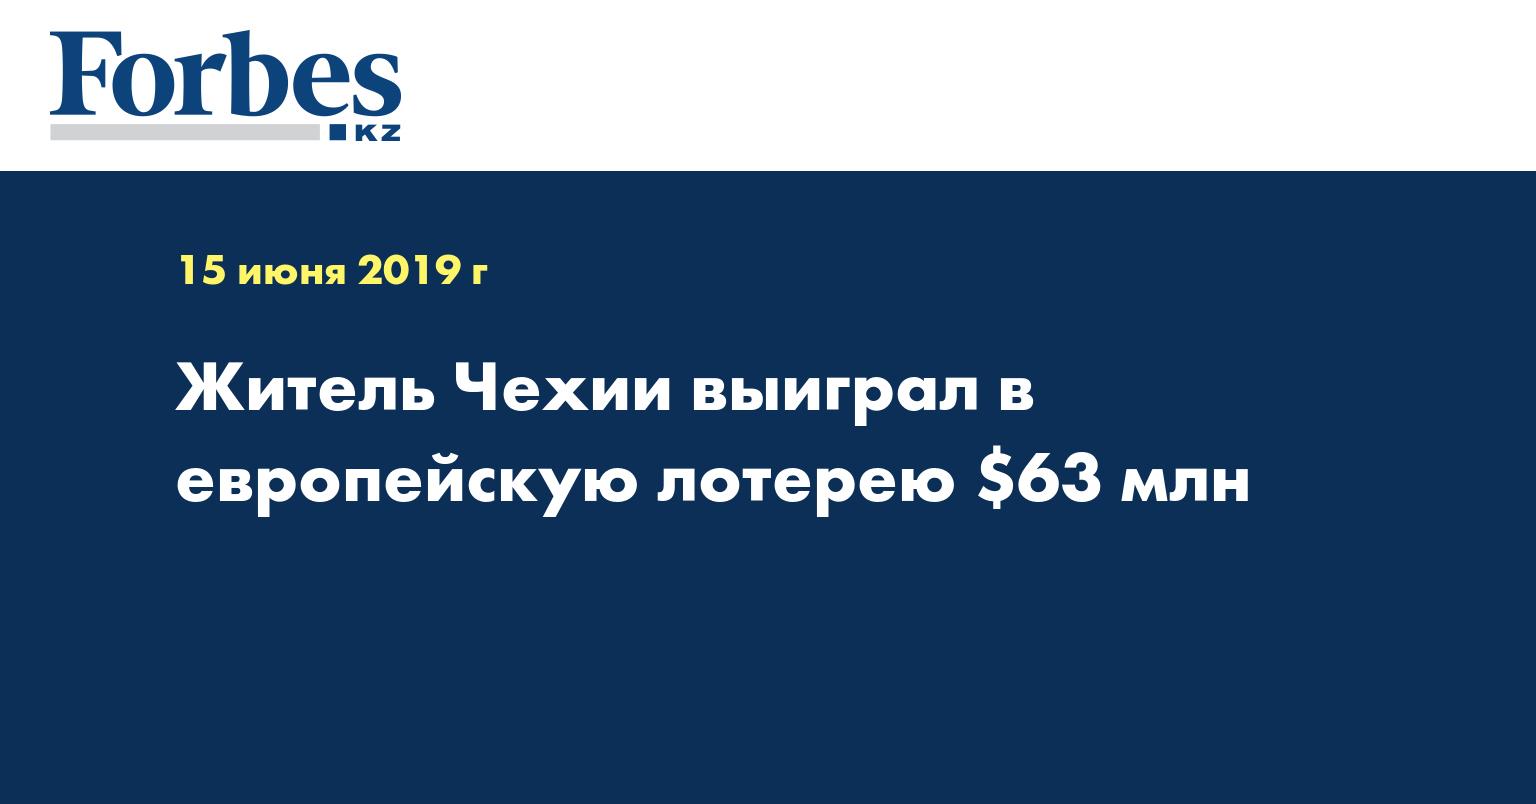 Житель Чехии выиграл в европейскую лотерею $63 млн